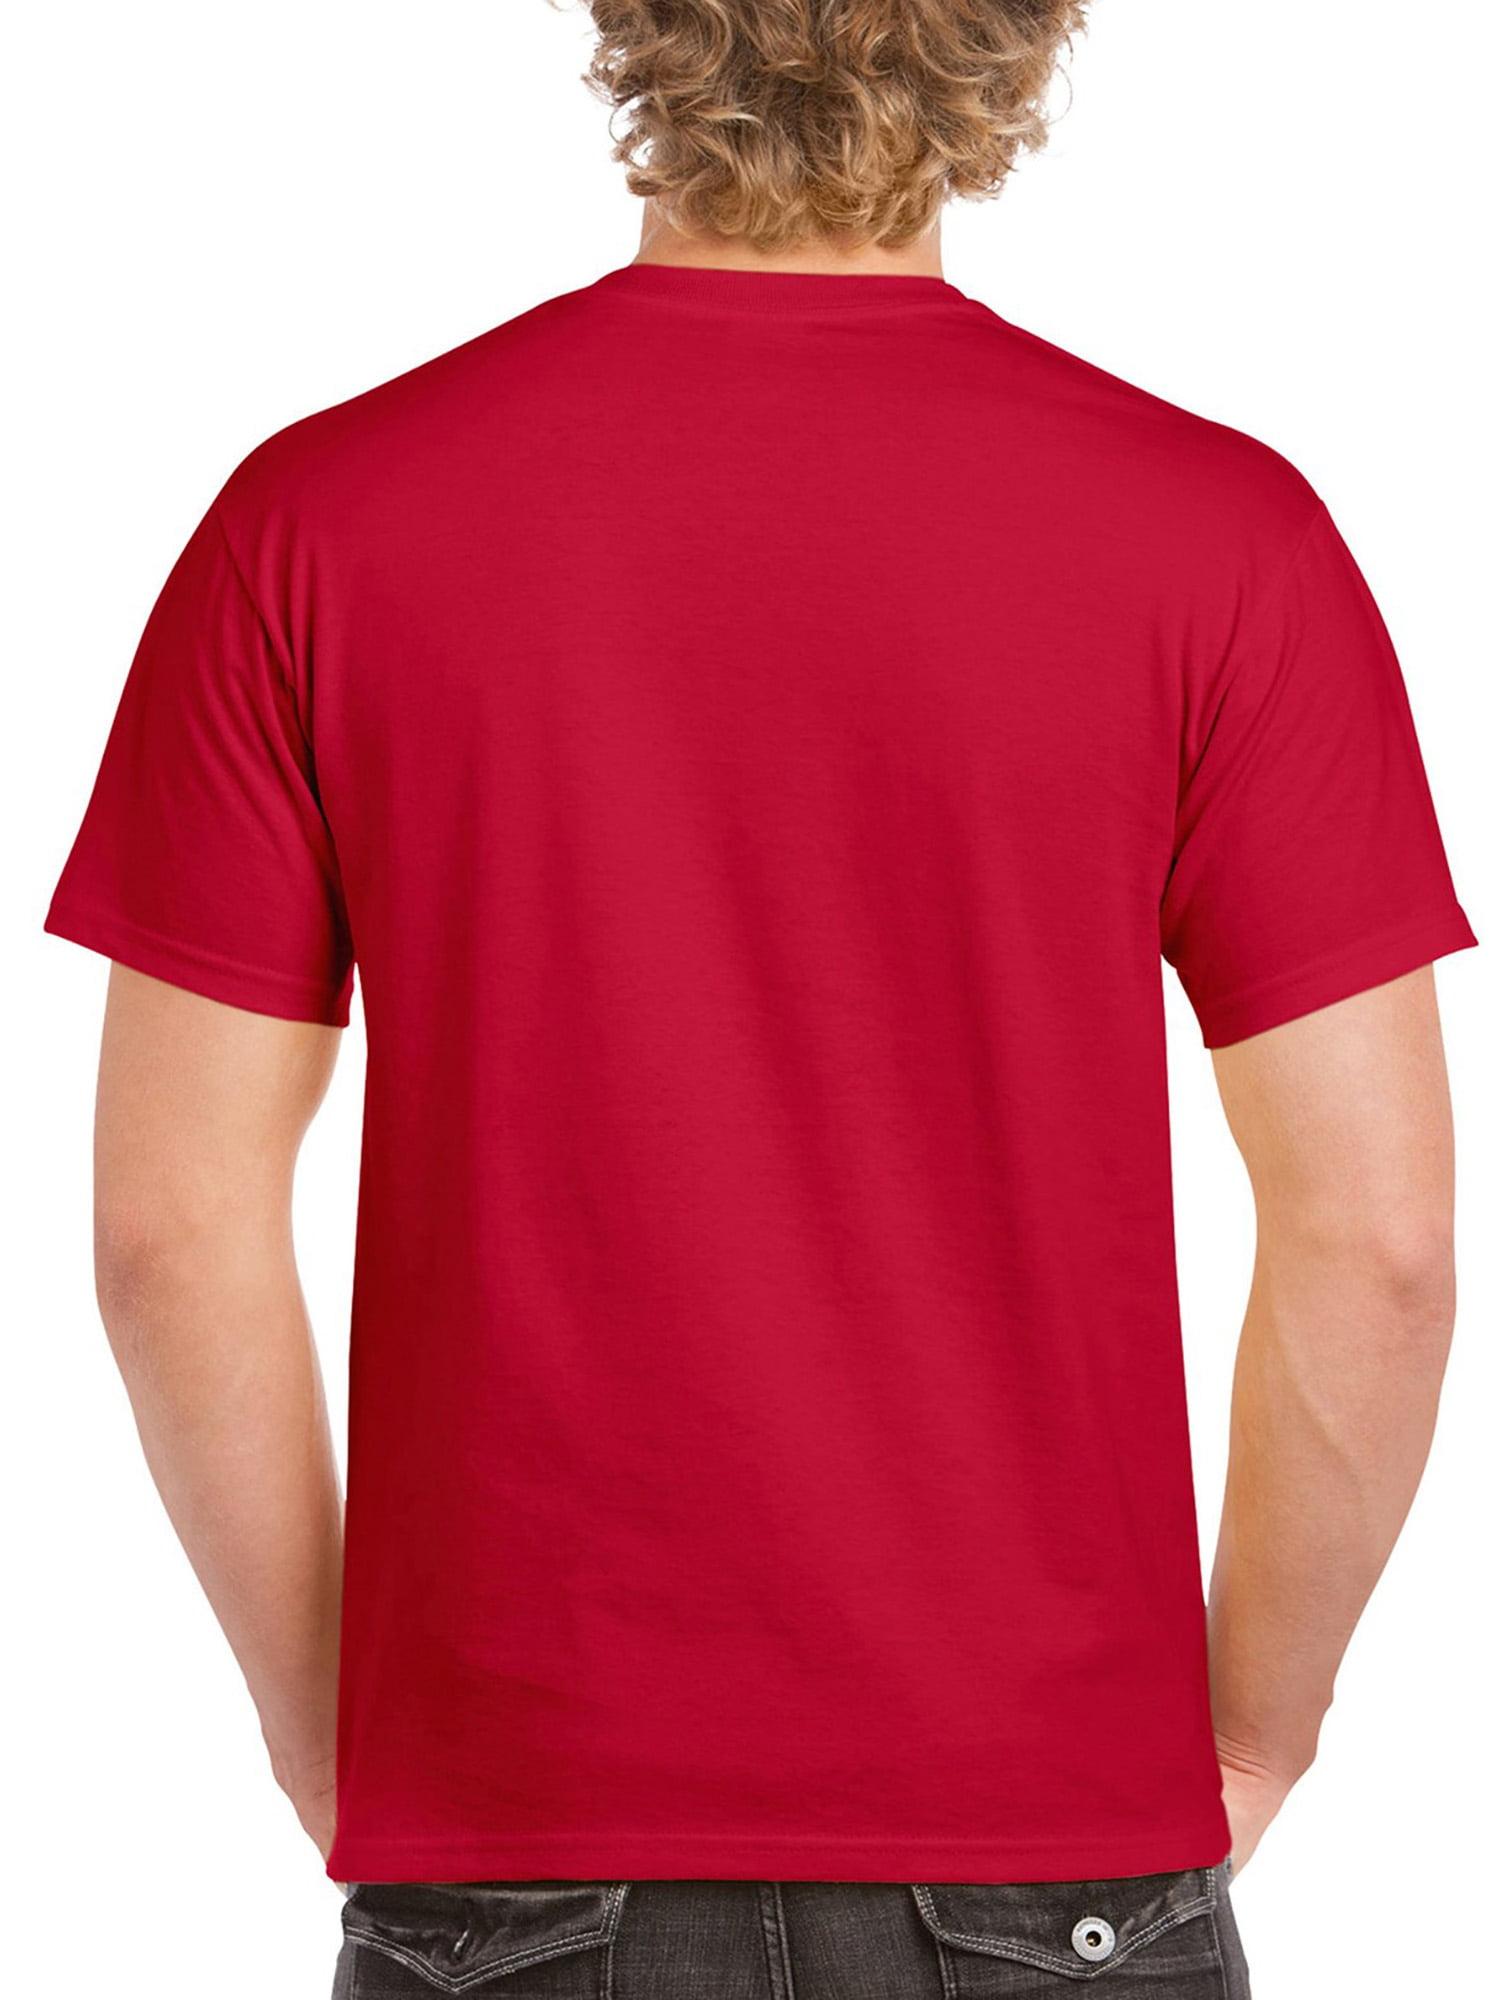 d5c1c7878d0 Gildan - Mens Classic Short Sleeve T-Shirt - Walmart.com